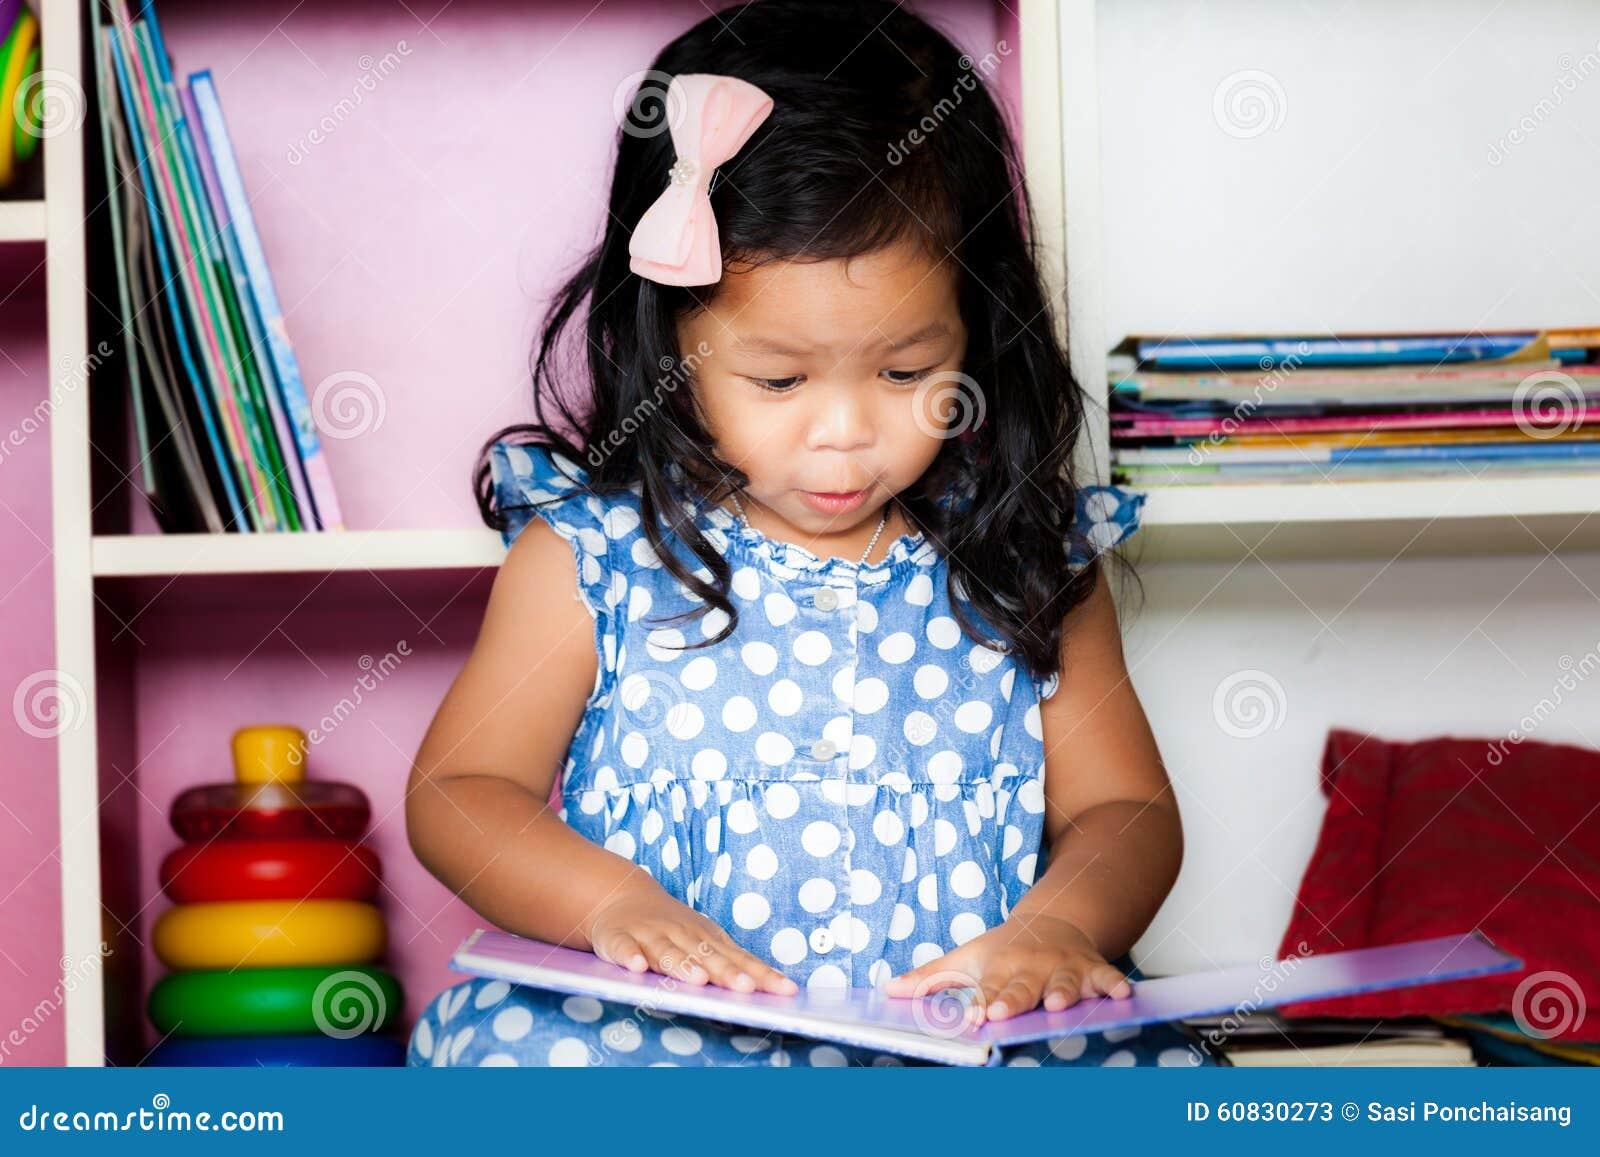 Kind las, das nette kleine Mädchen, das ein Buch liest